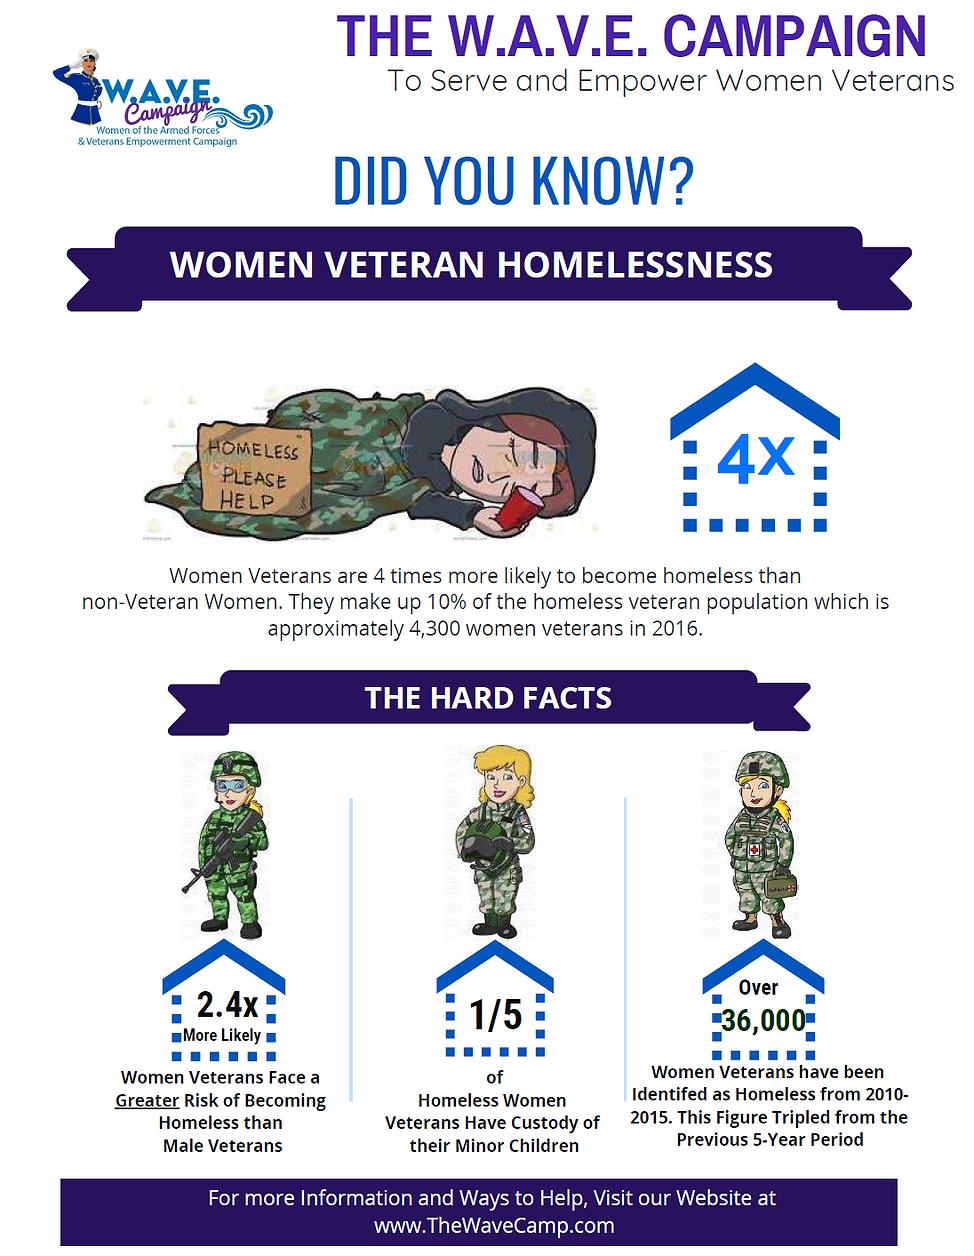 Women Veteran Homeless Rate (Statistics on female veteran homelessness)